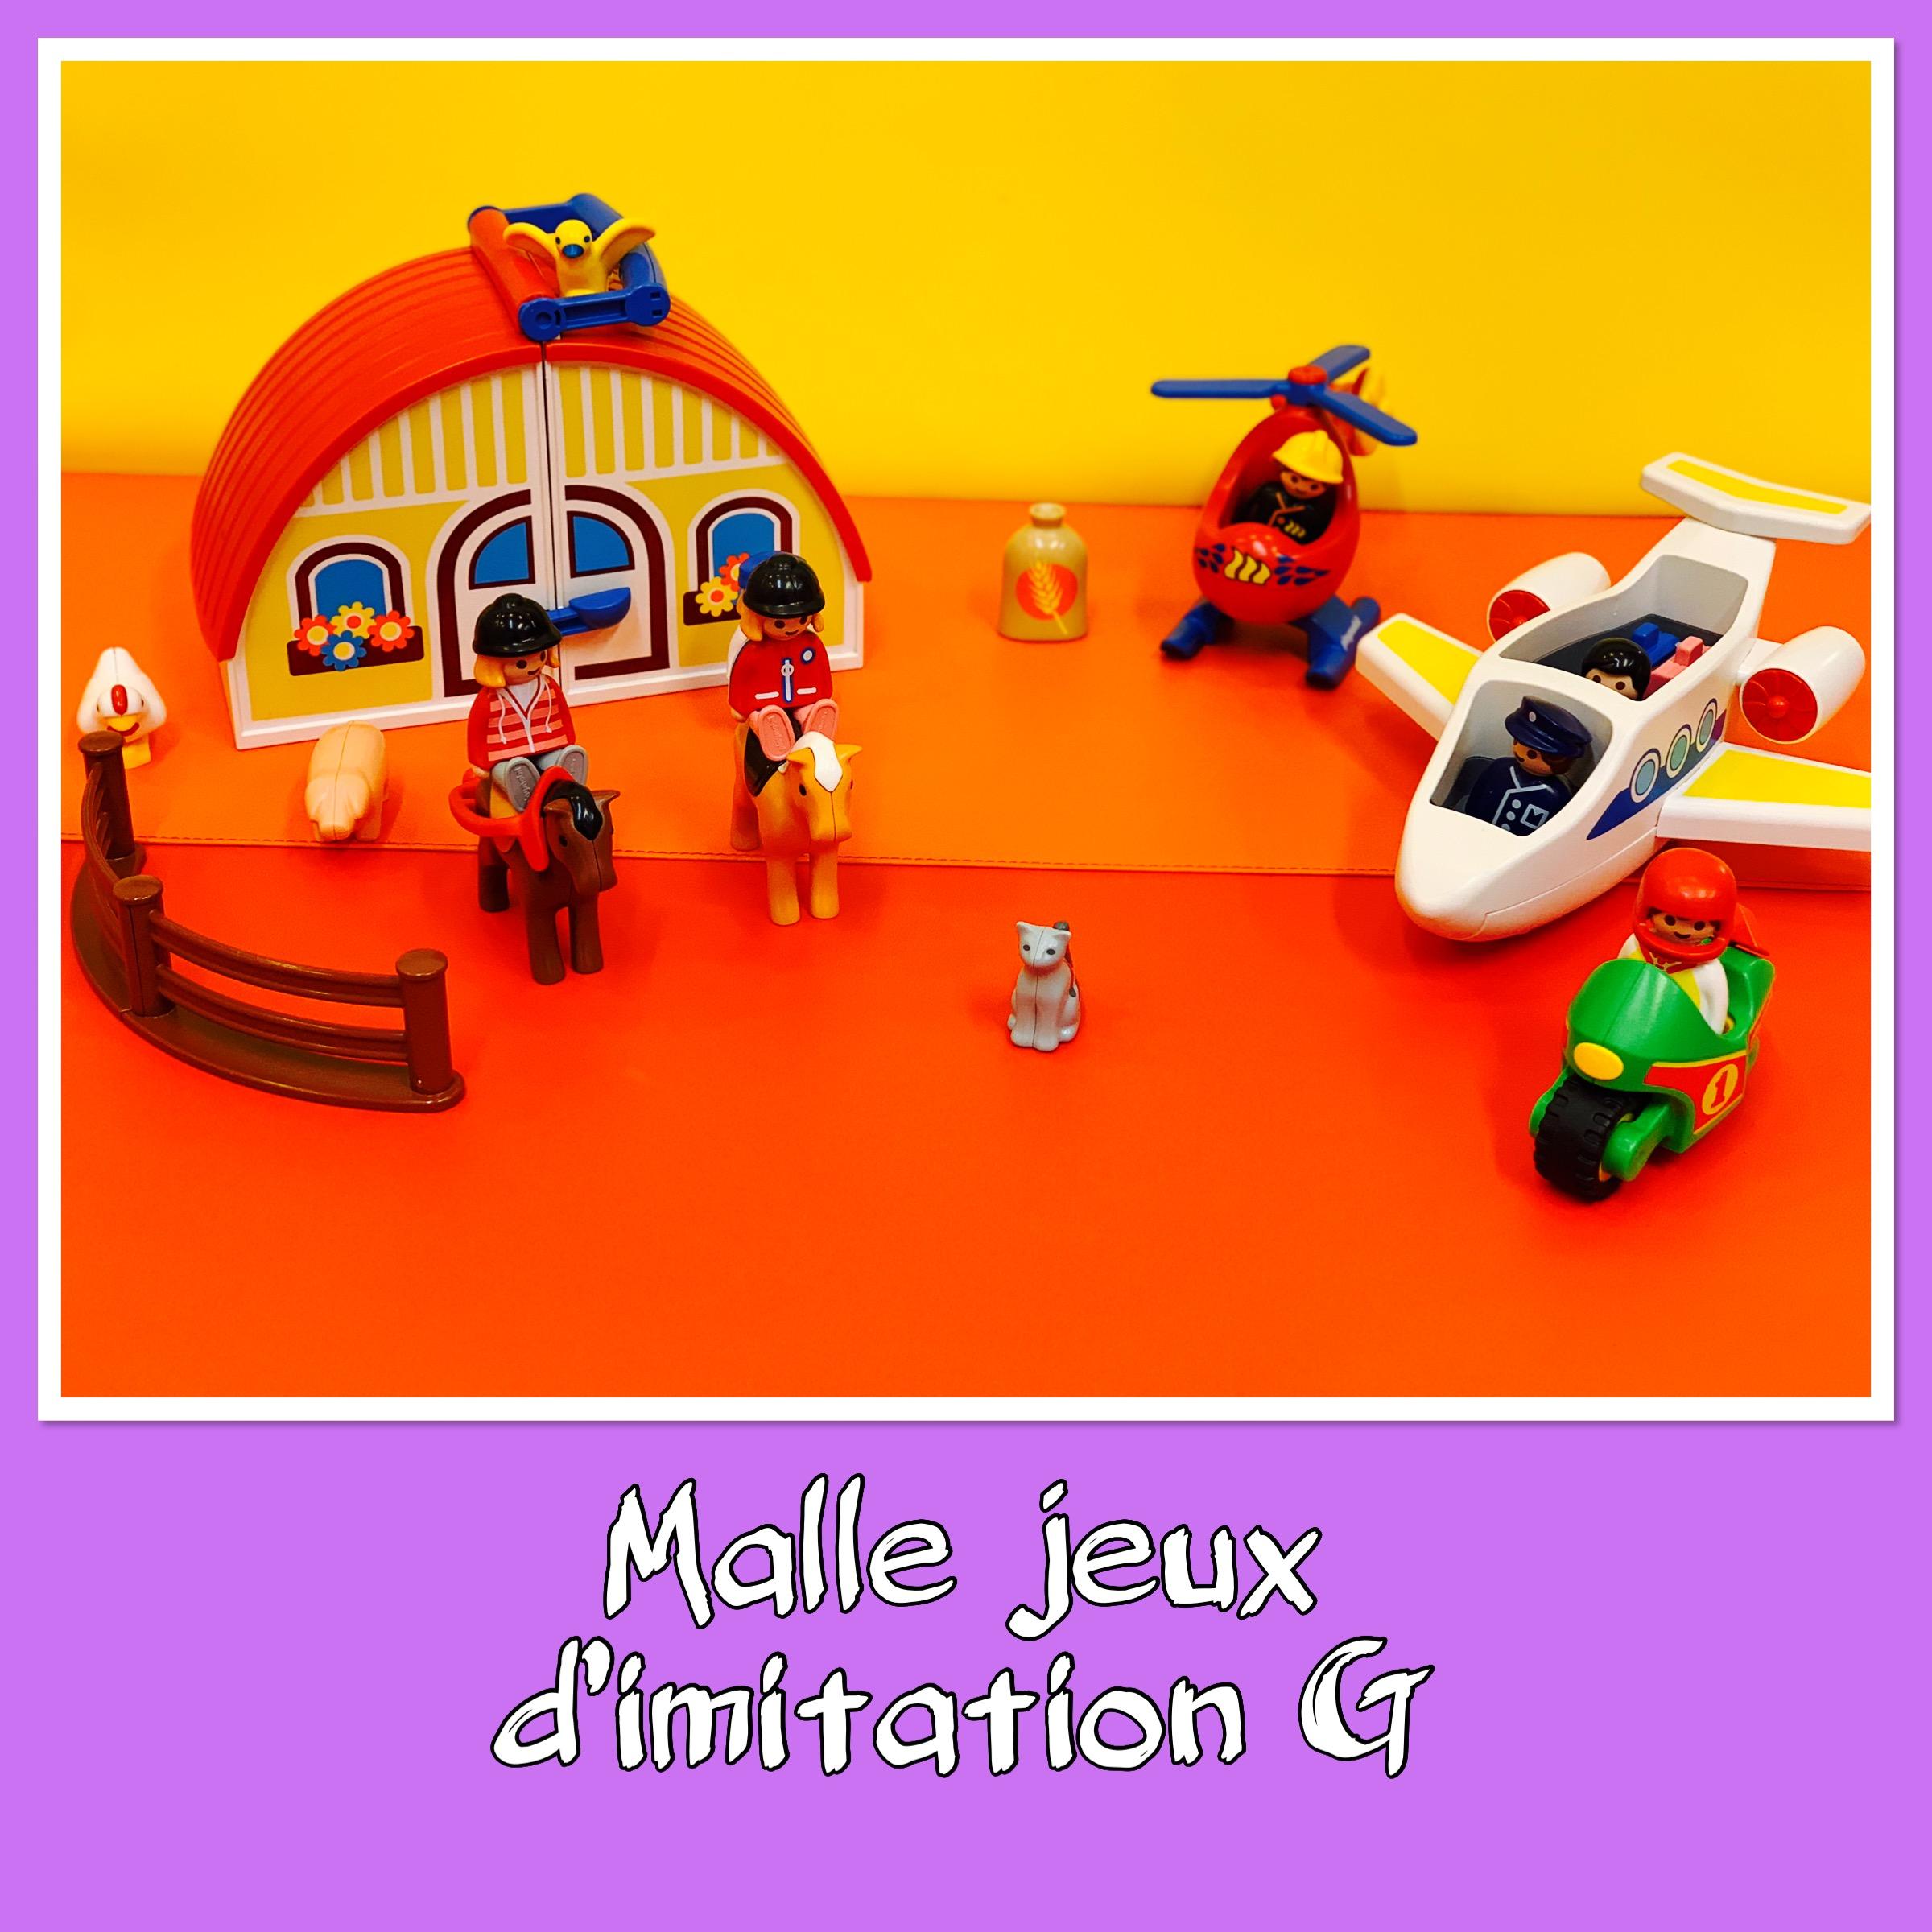 Malle imitation 7